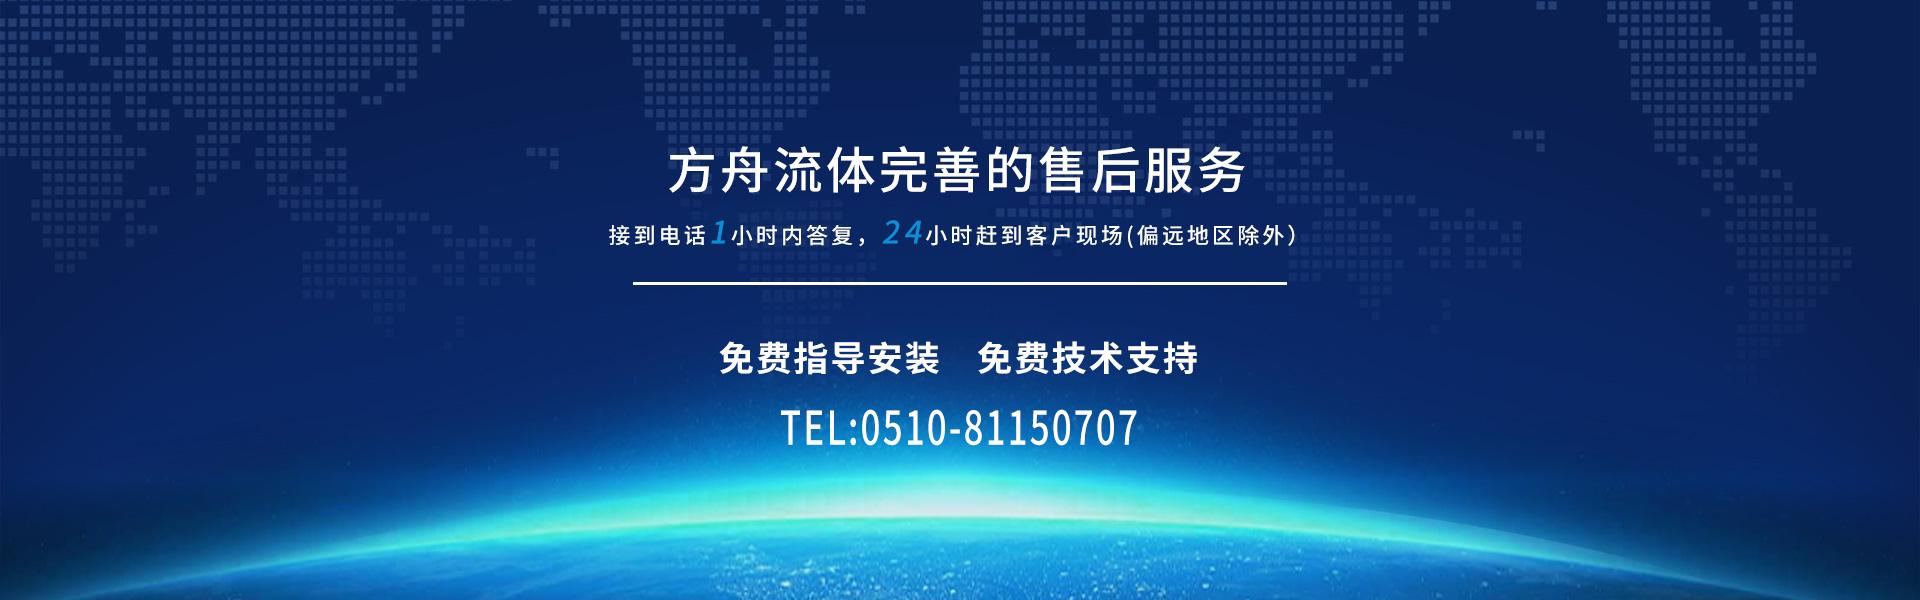 mg游戏官网在线平台